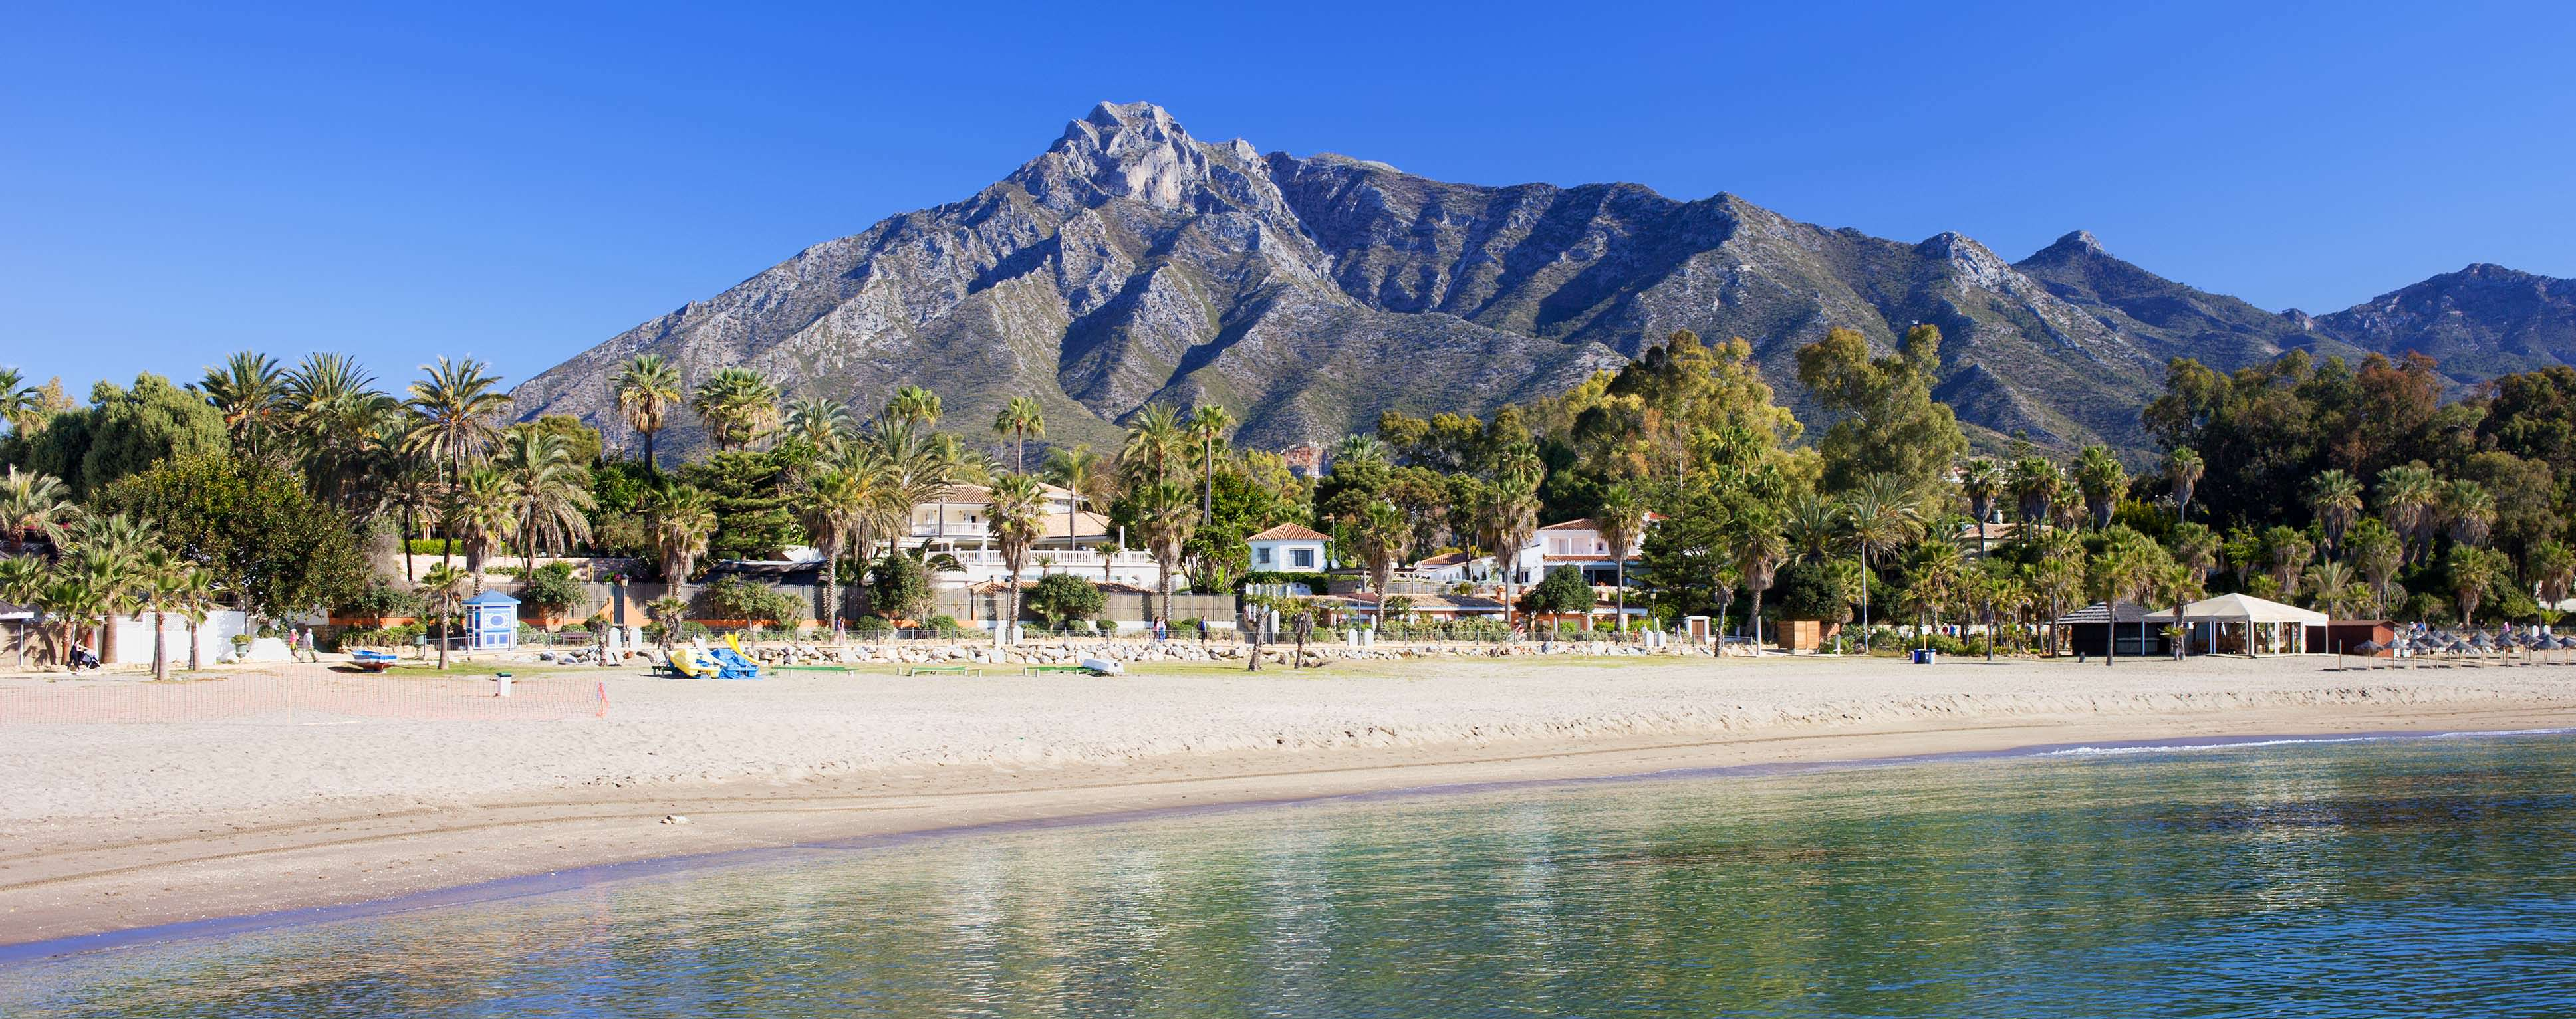 Area Guide: Marbella